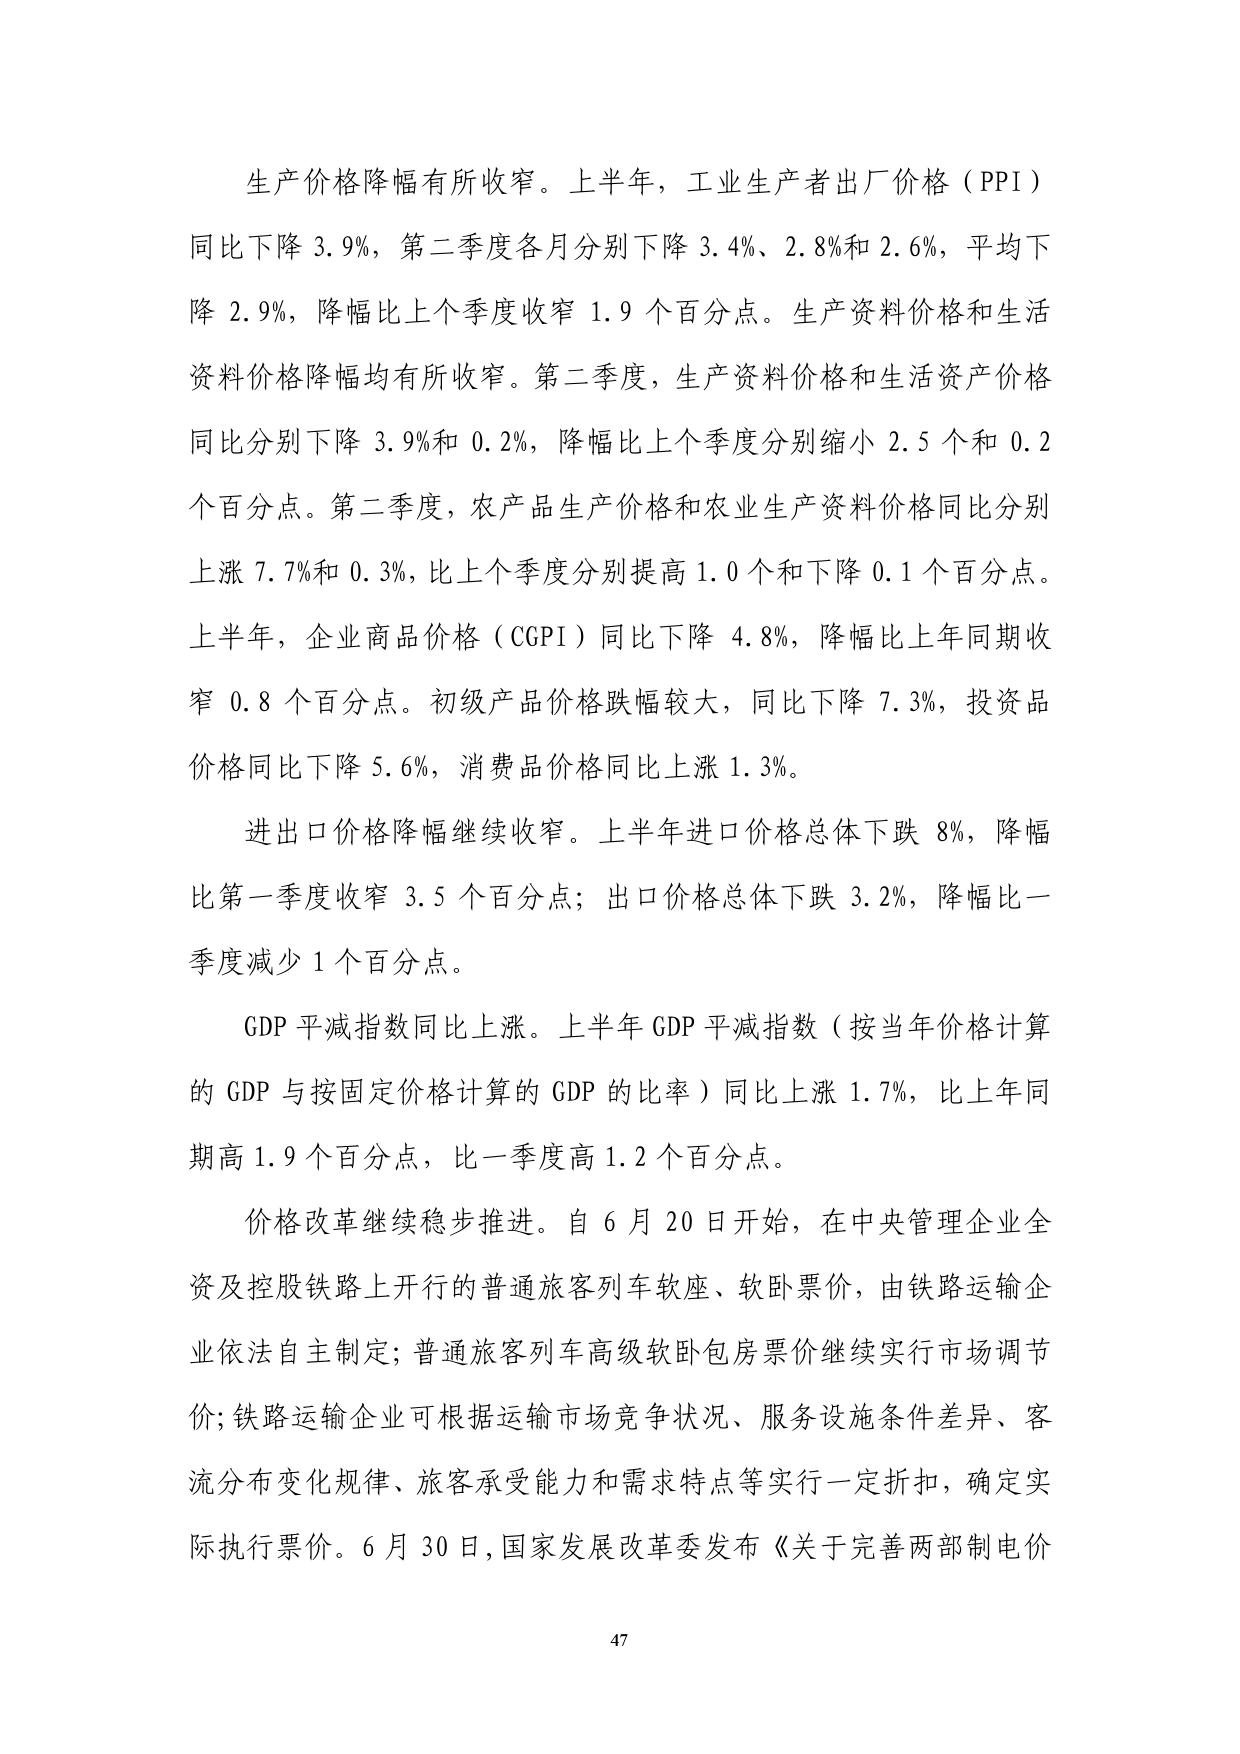 2016年Q2中国货币政策执行报告_000053